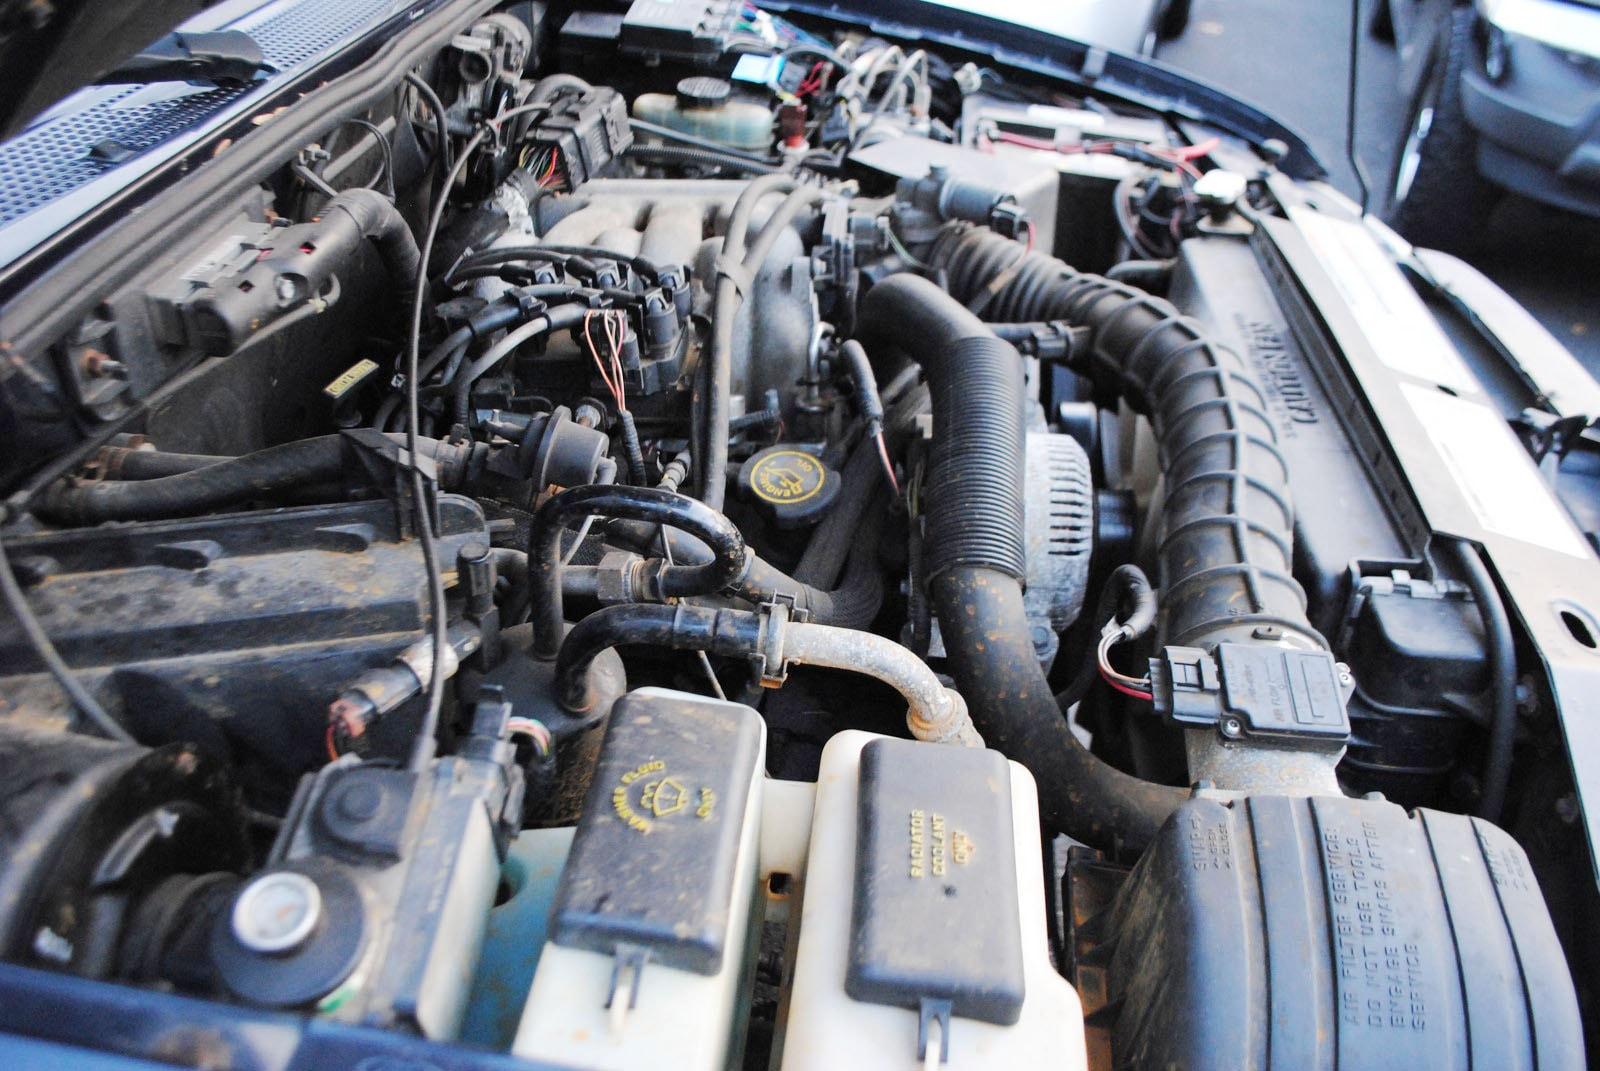 2000 ranger engine used ford ranger engines for sale autos post. Black Bedroom Furniture Sets. Home Design Ideas